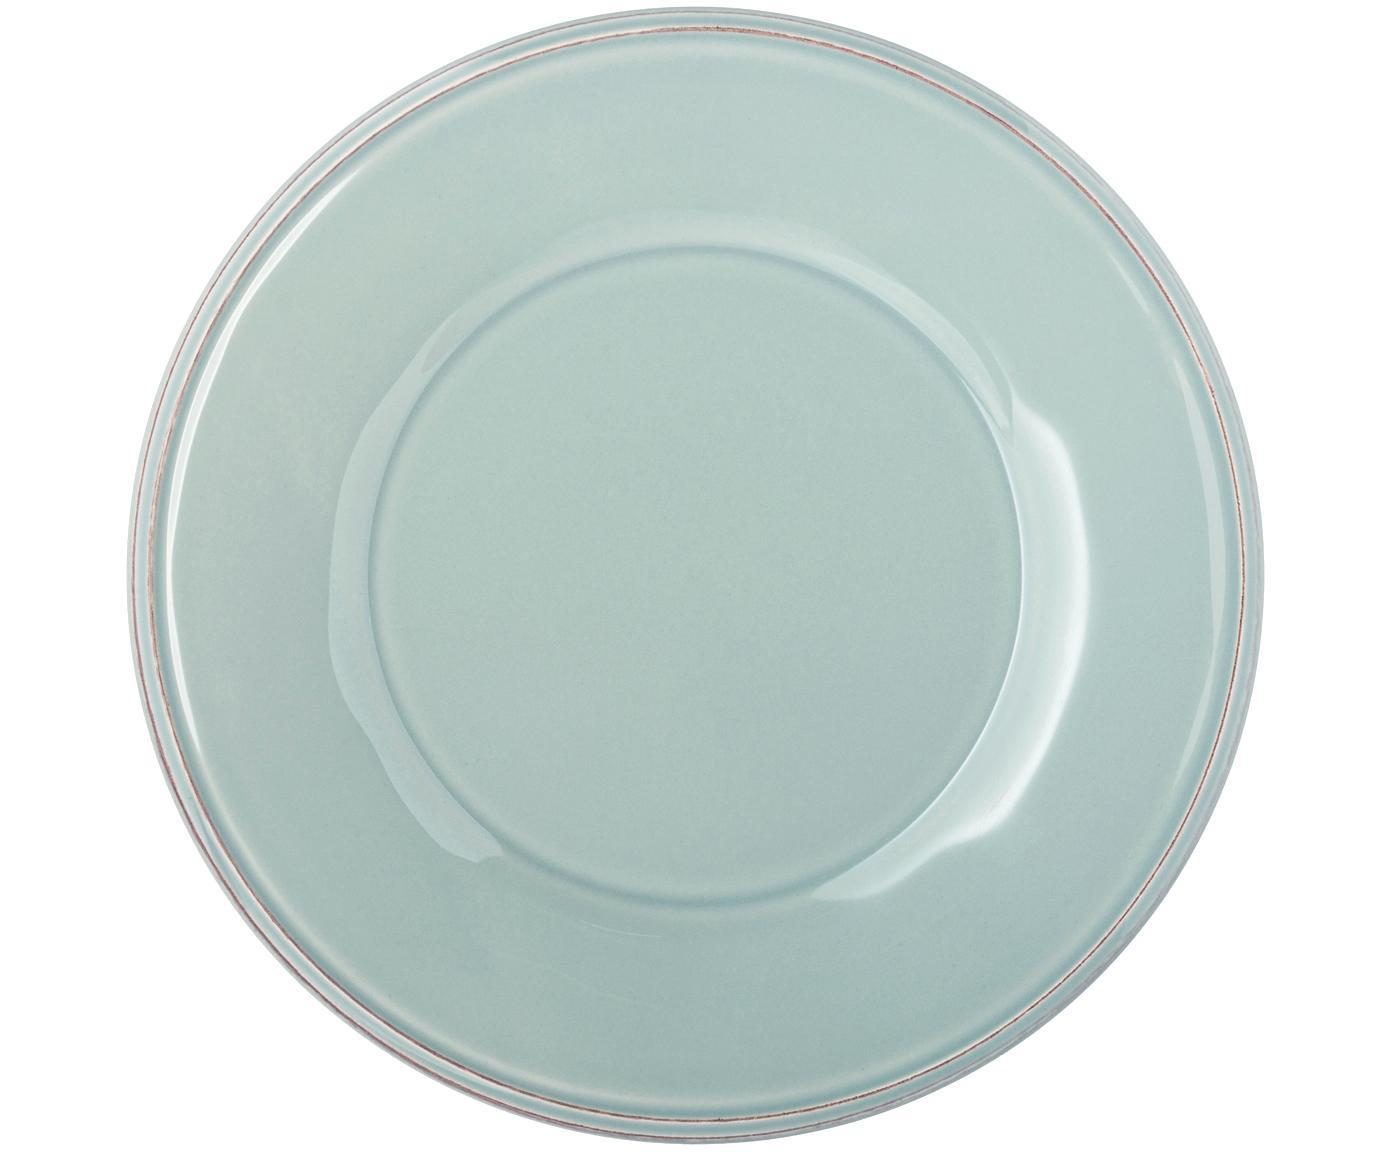 Frühstücksteller Constance in Mint im Landhaus Style, 2 Stück, Steingut, Blau,Türkis, Ø 24 cm